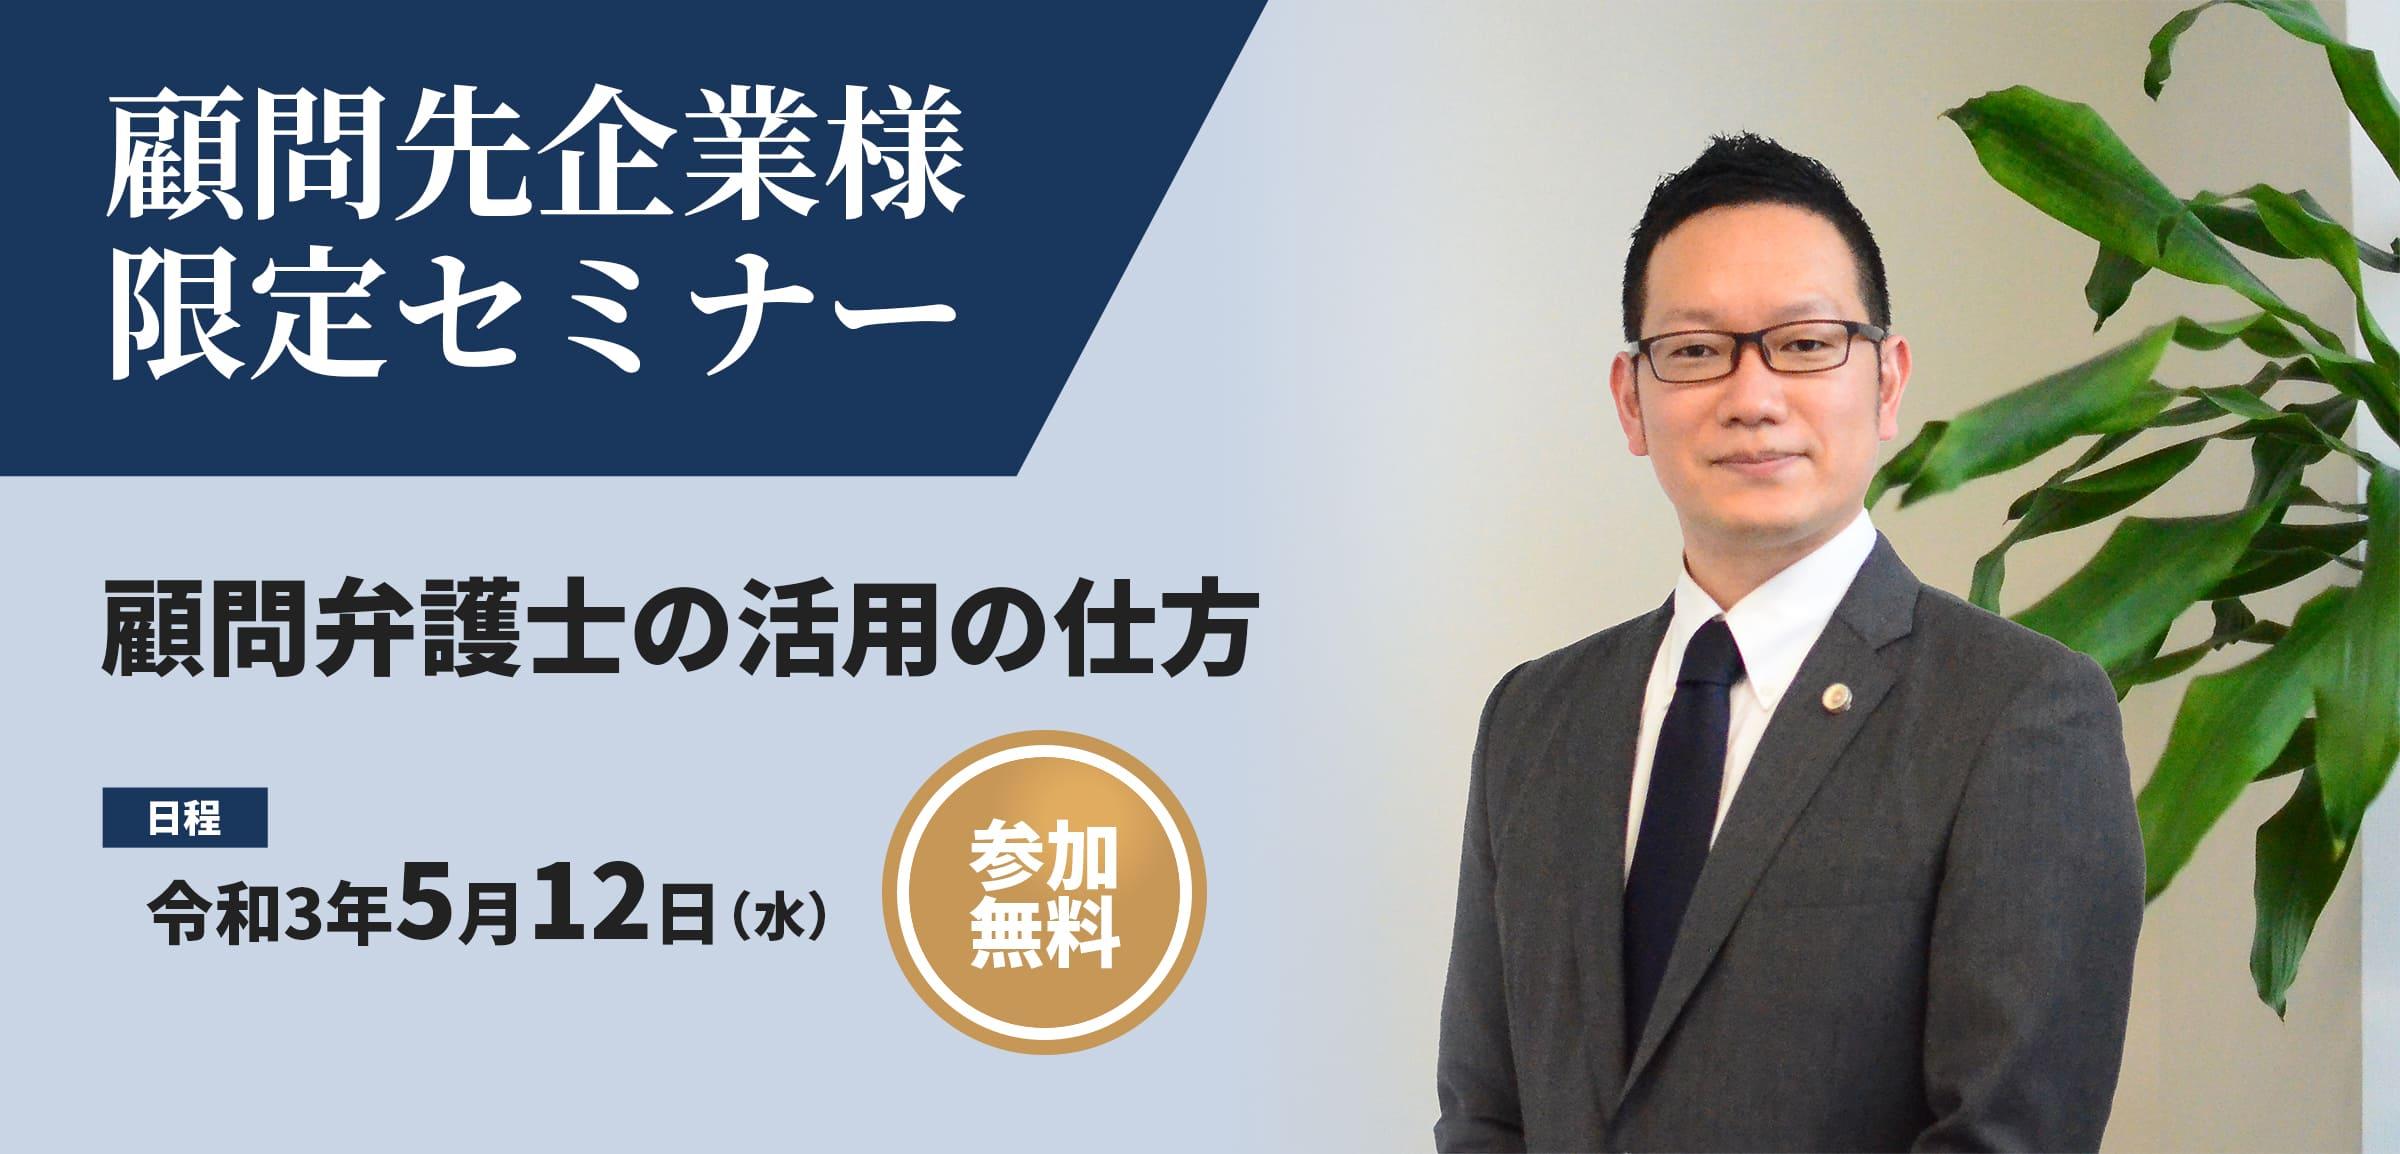 顧問先企業様限定セミナー「顧問弁護士の活用の仕方」